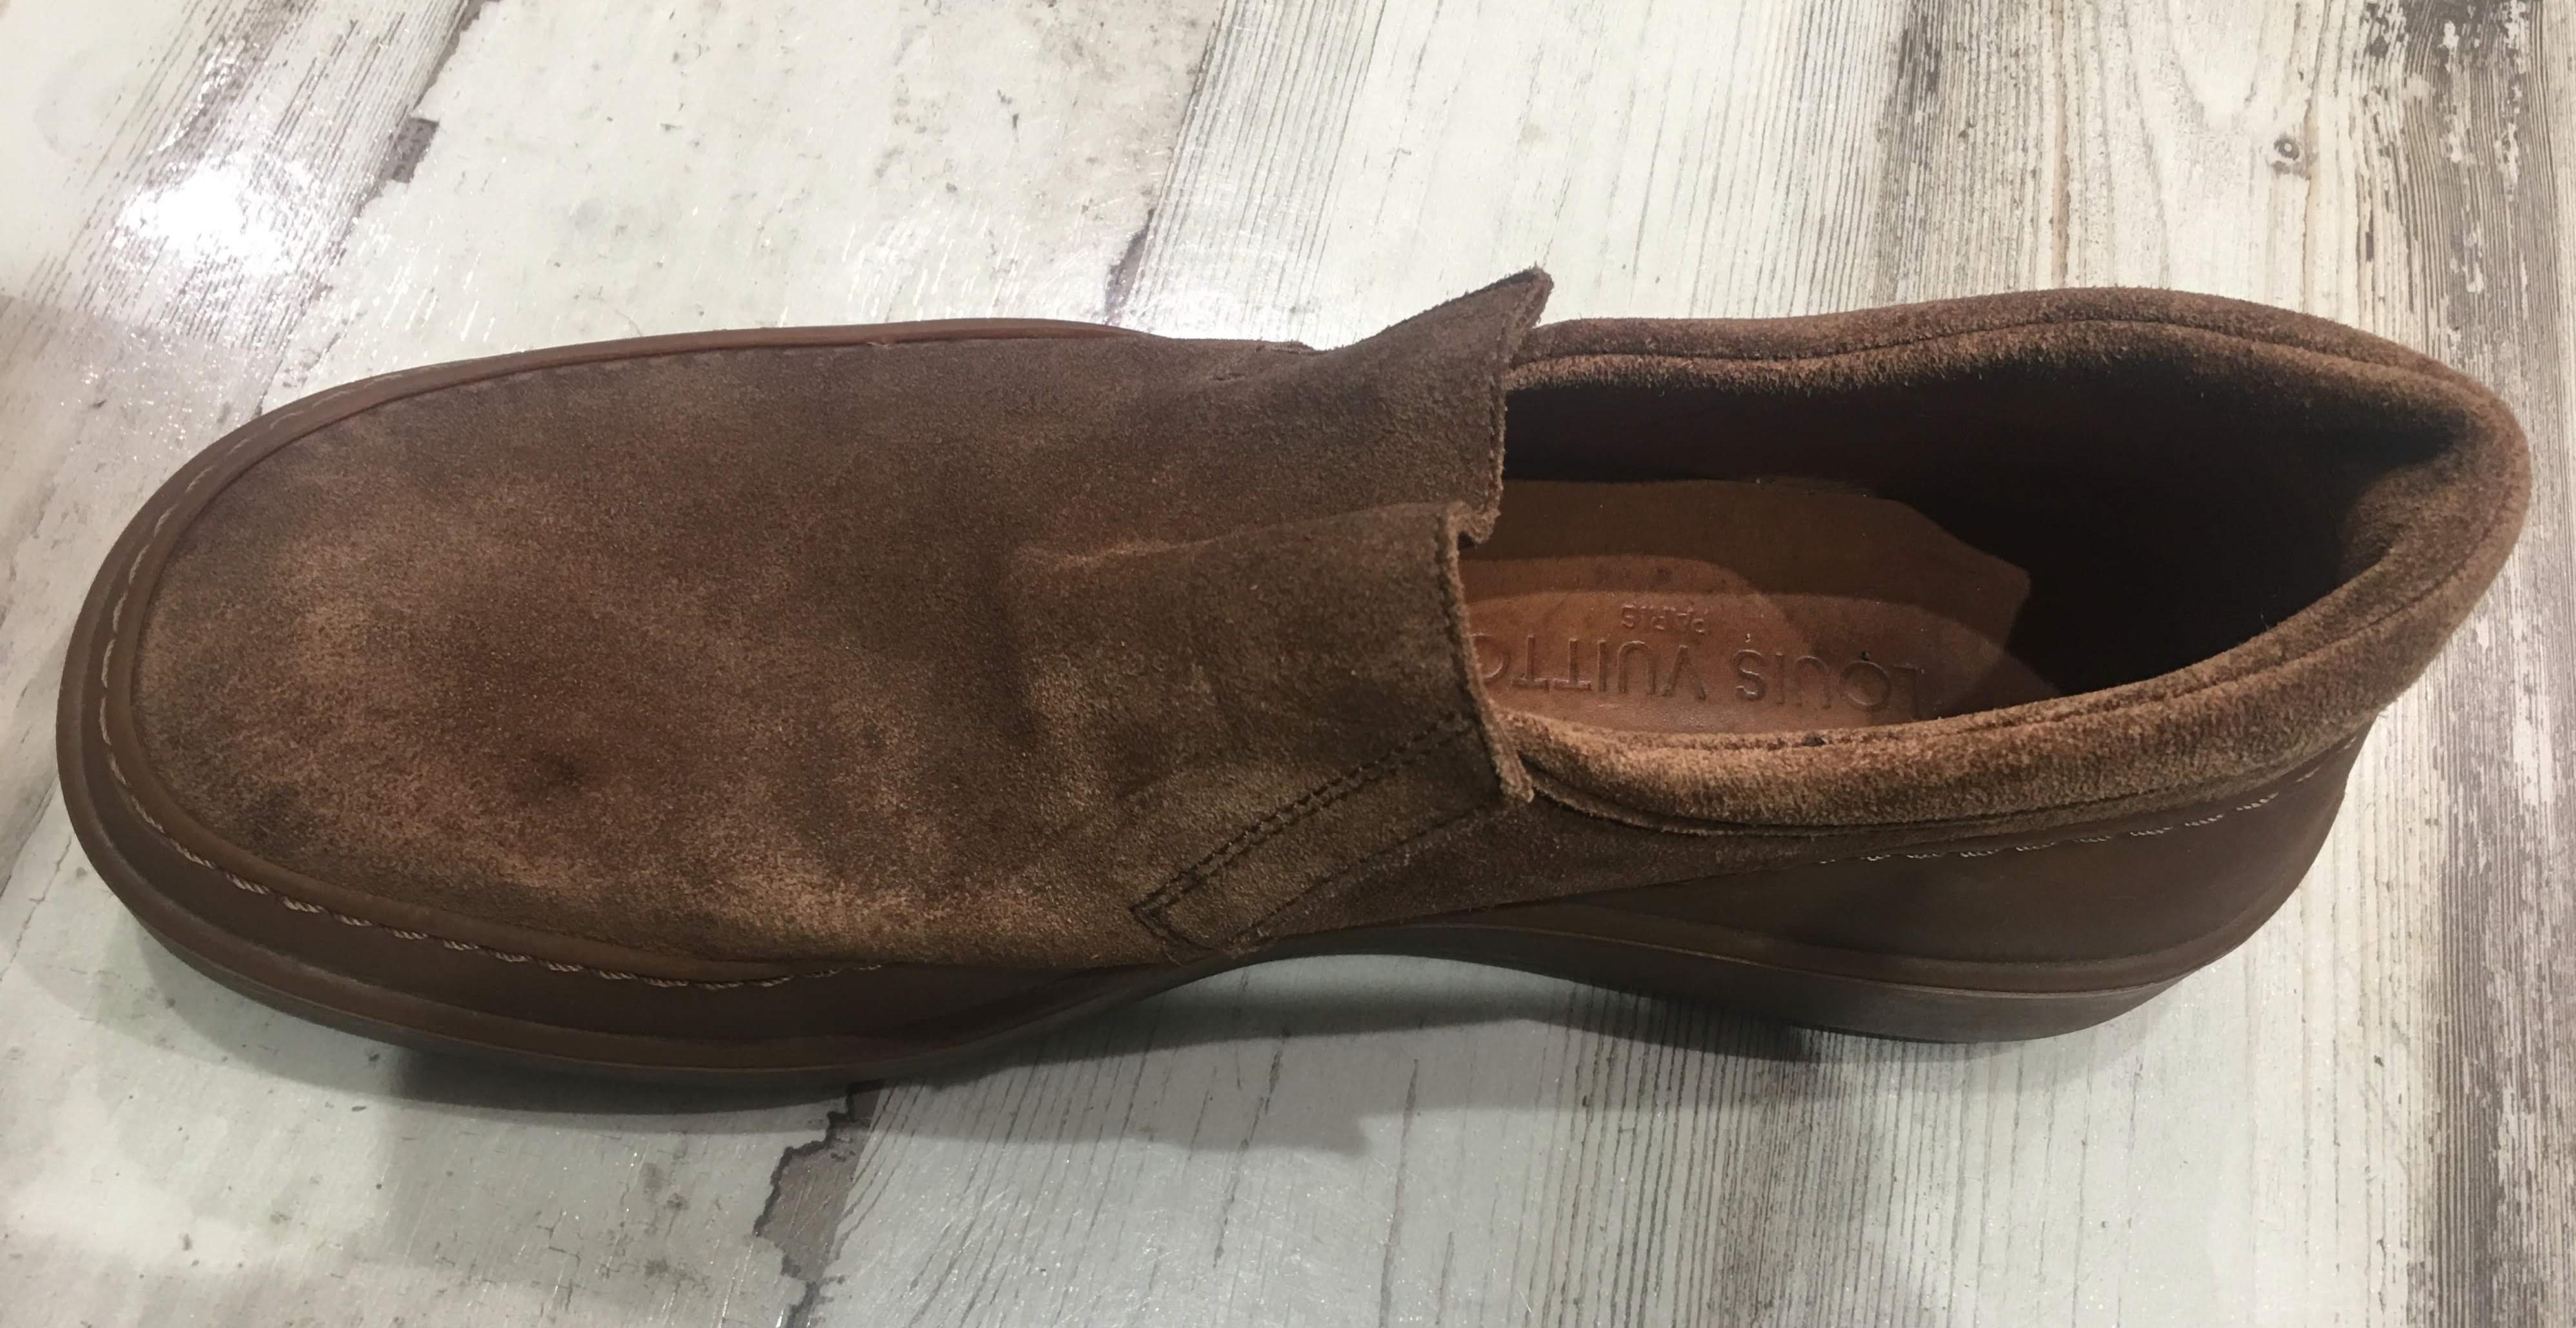 ヴィトン 革靴 修理